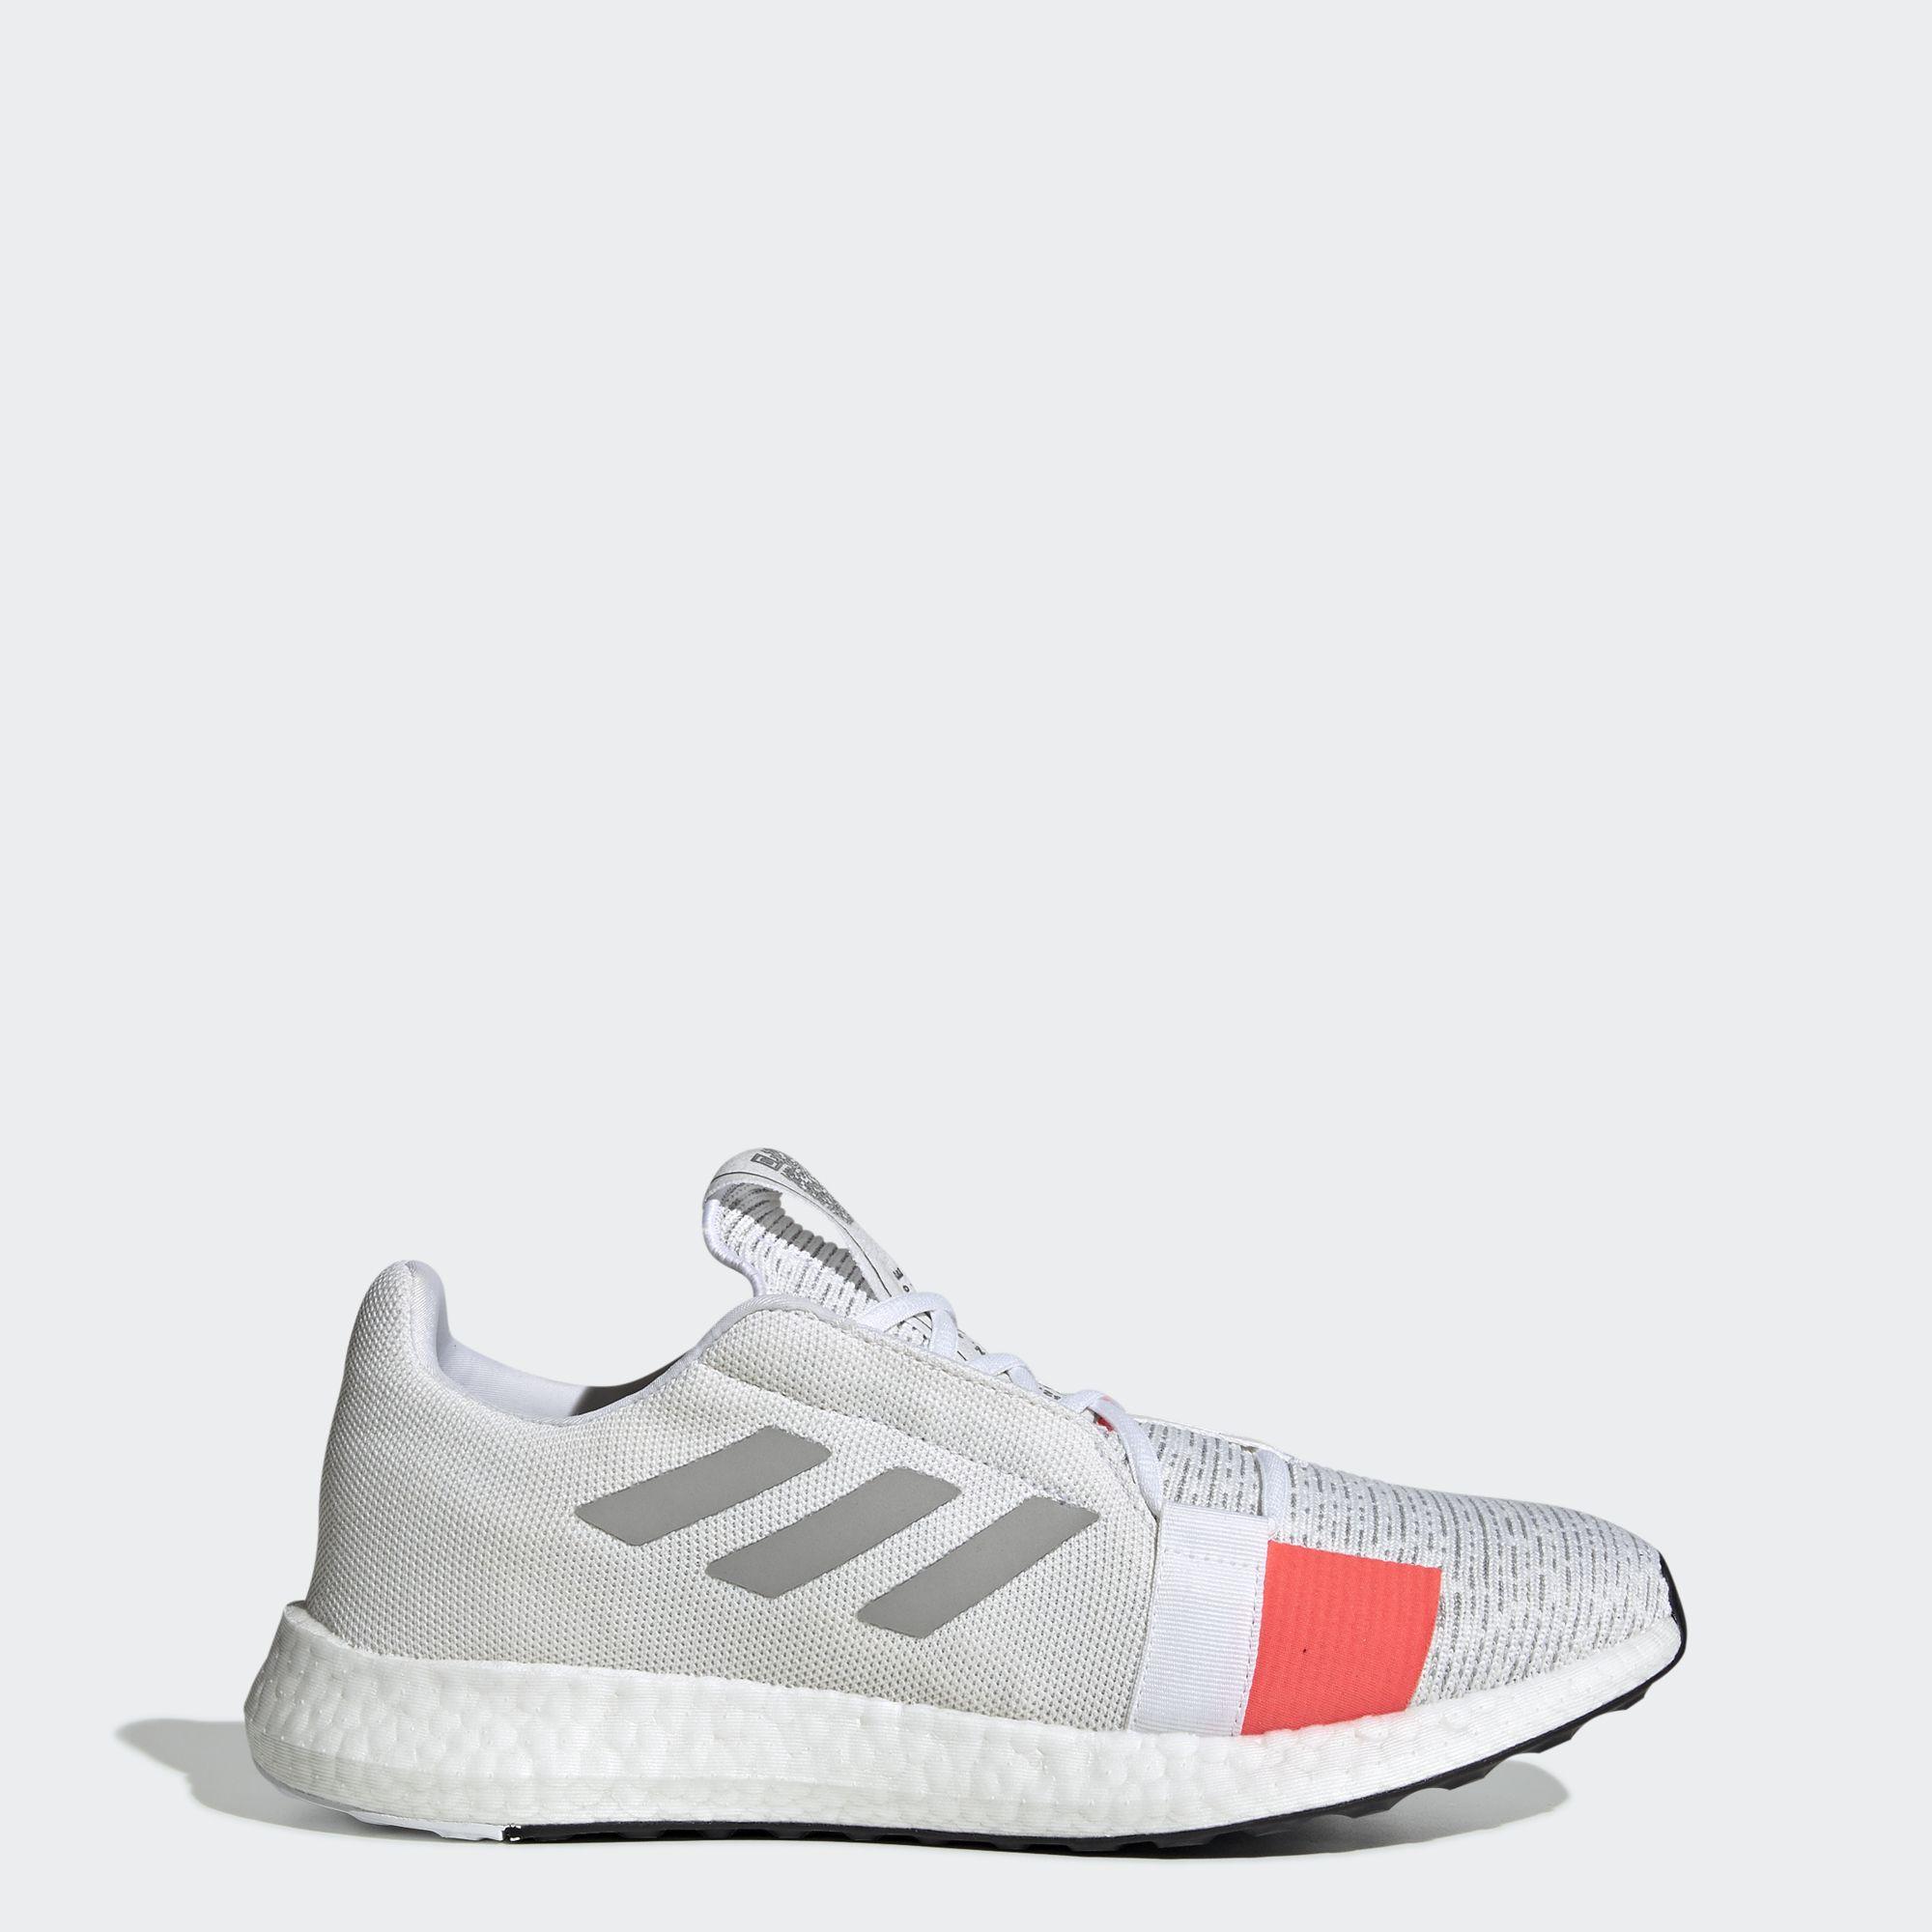 Giày Thể Thao adidas RUNNING Senseboost Go Nam Màu trắng G27403